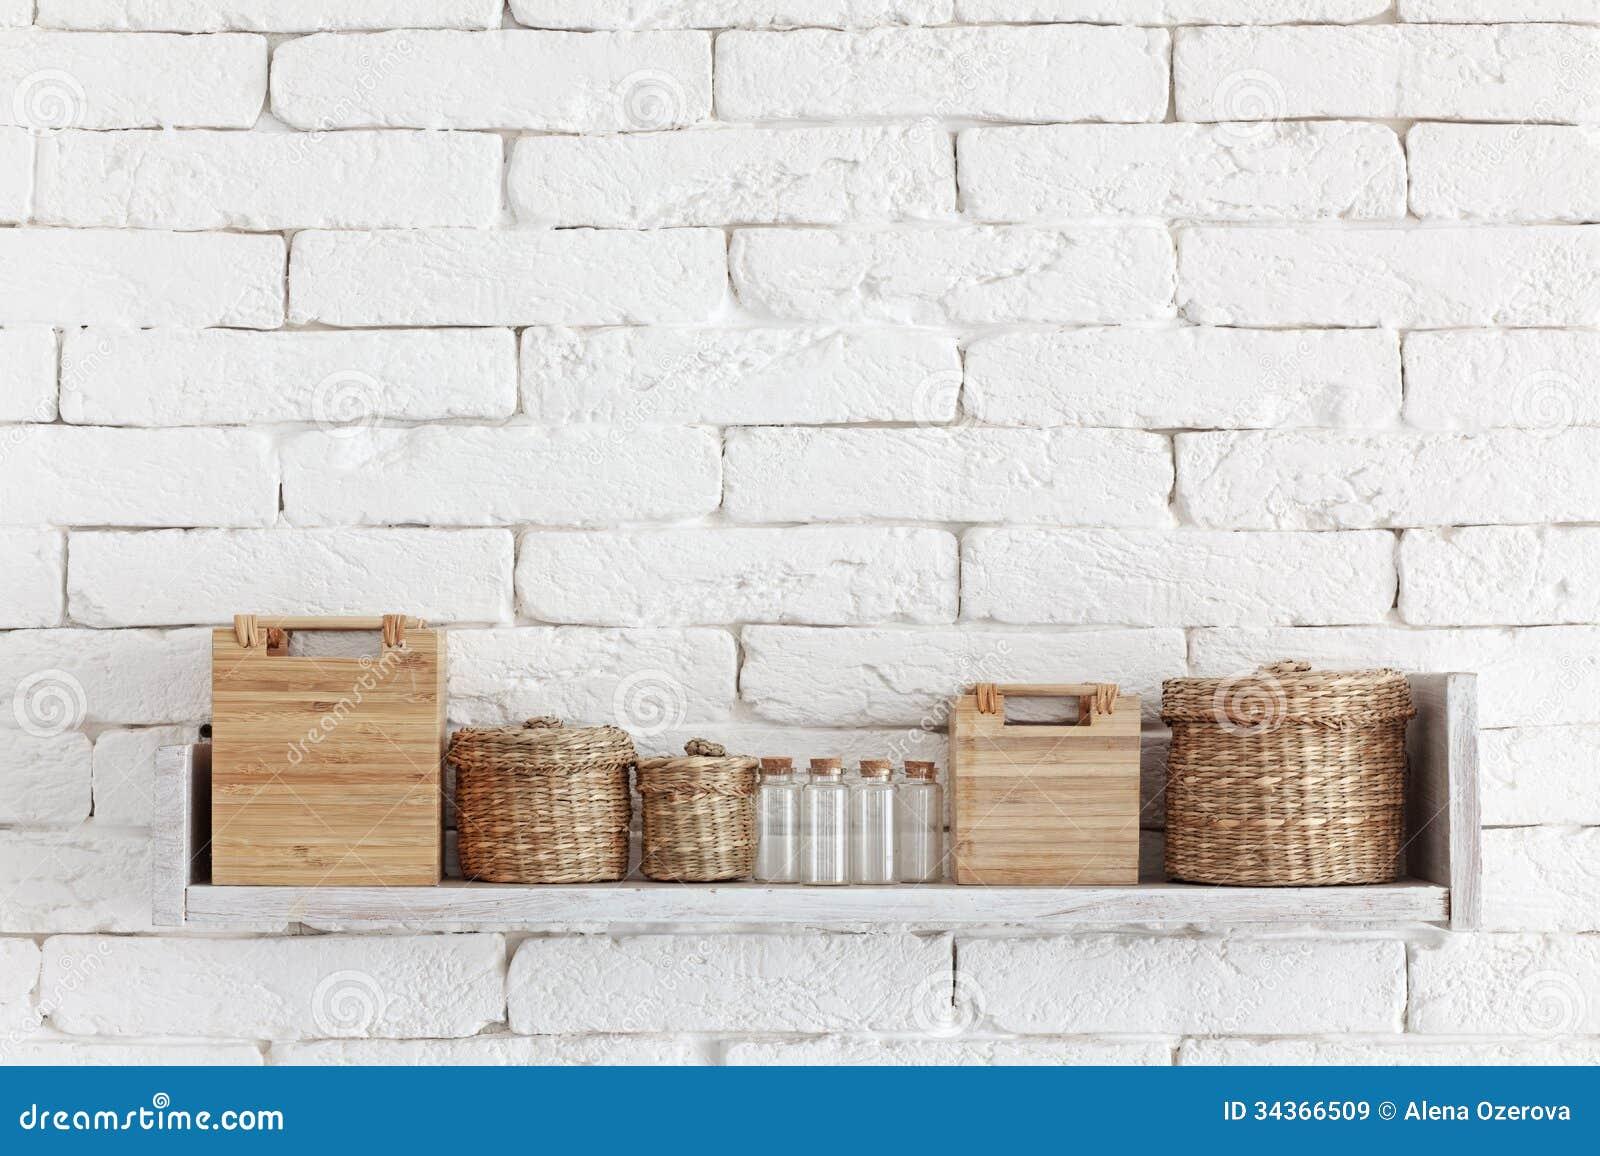 decorative shelf royalty free stock images   image 34366509